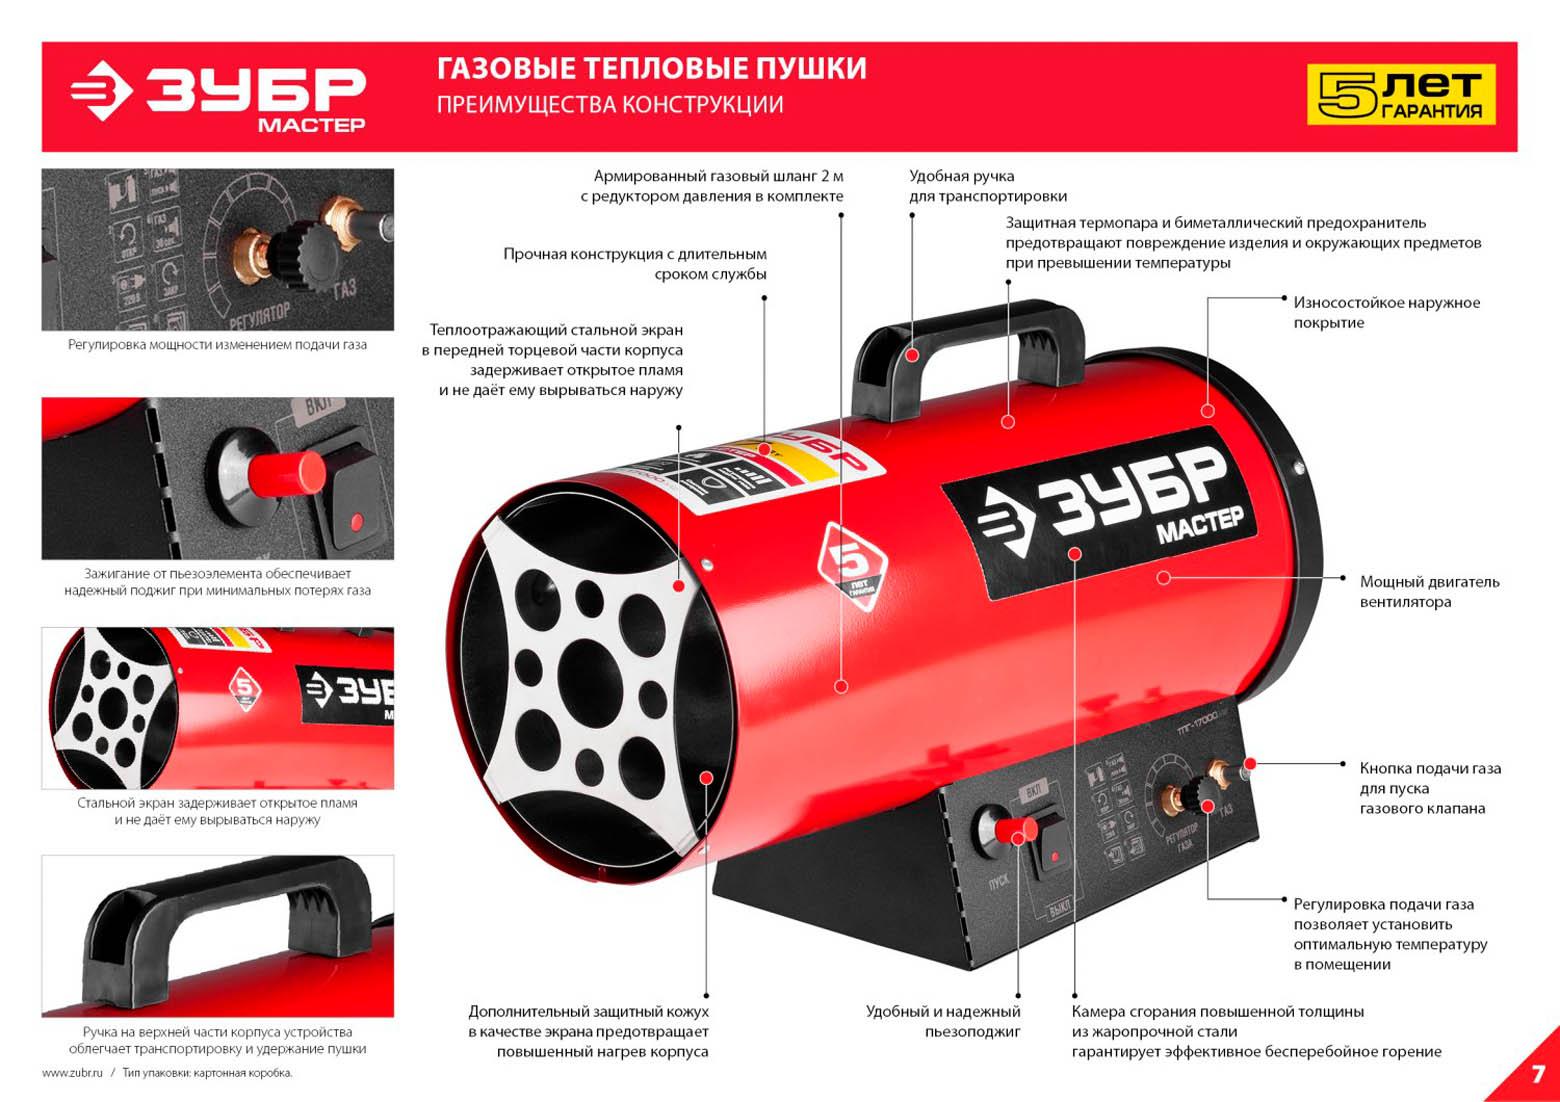 Газовая тепловая пушка: обзор моделей, отзывы, как  использовать